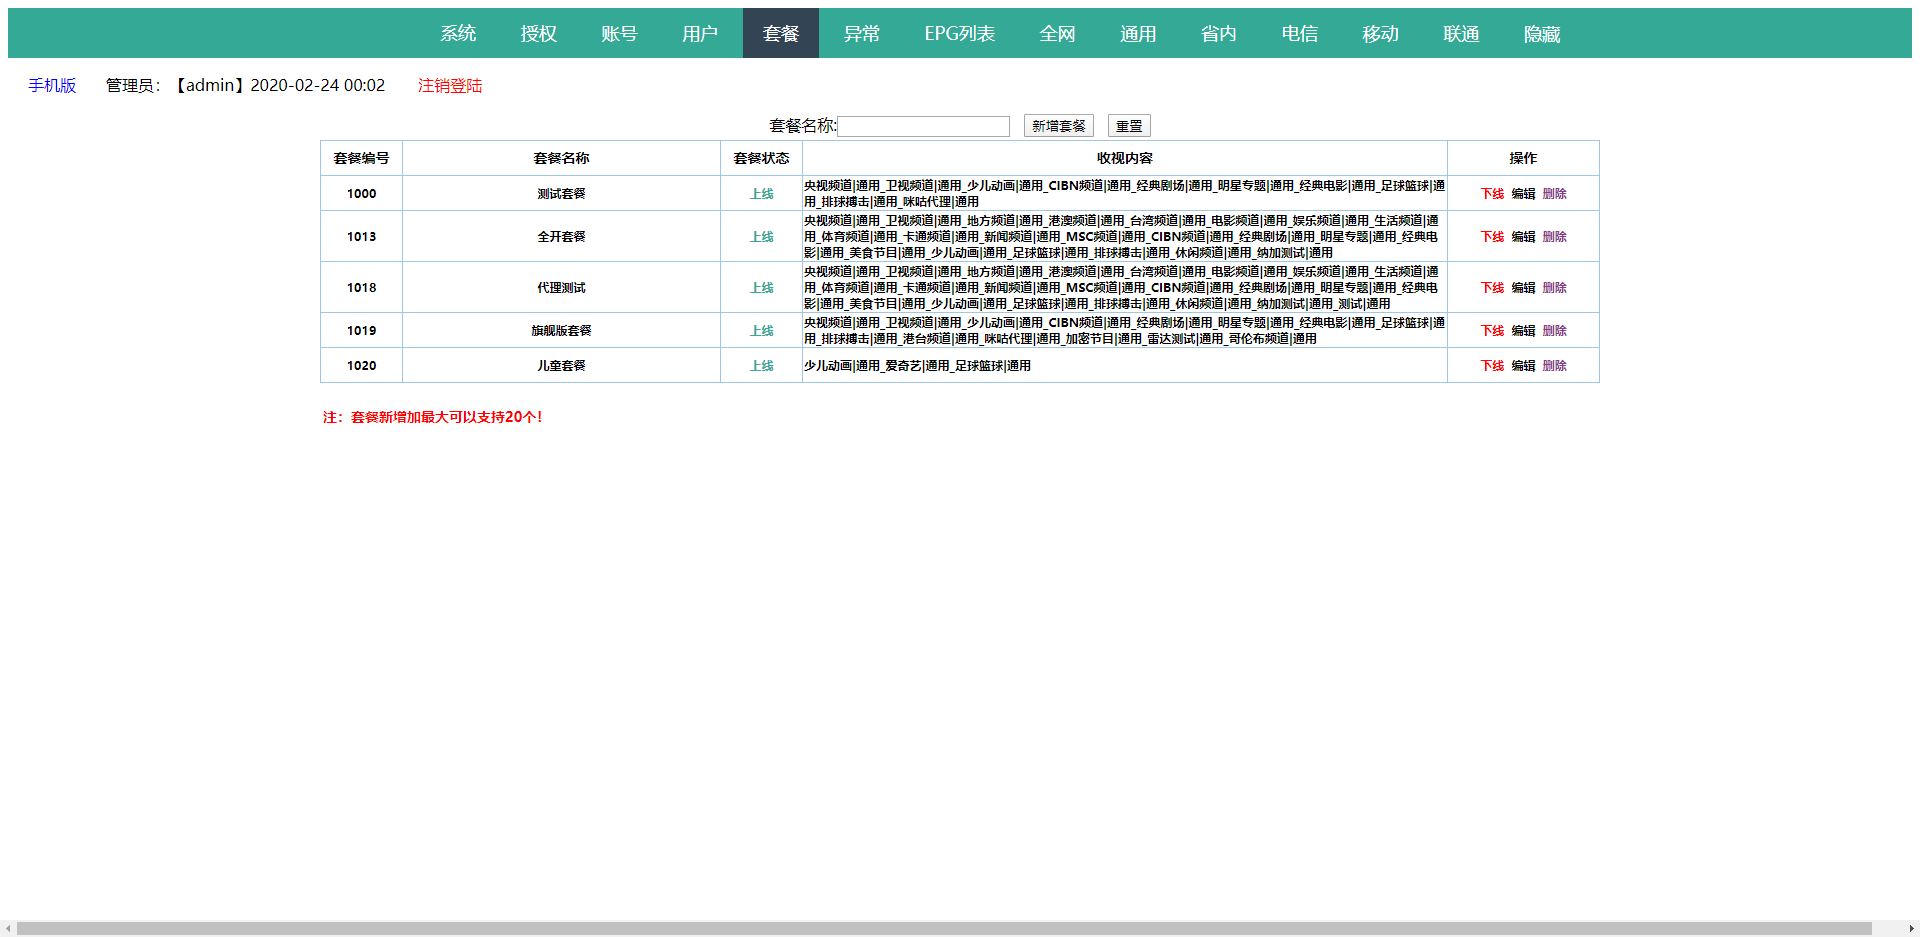 新骆驼IPTV完整版源码带EPG和套餐管理目前最完美版本-常网小站Miknio